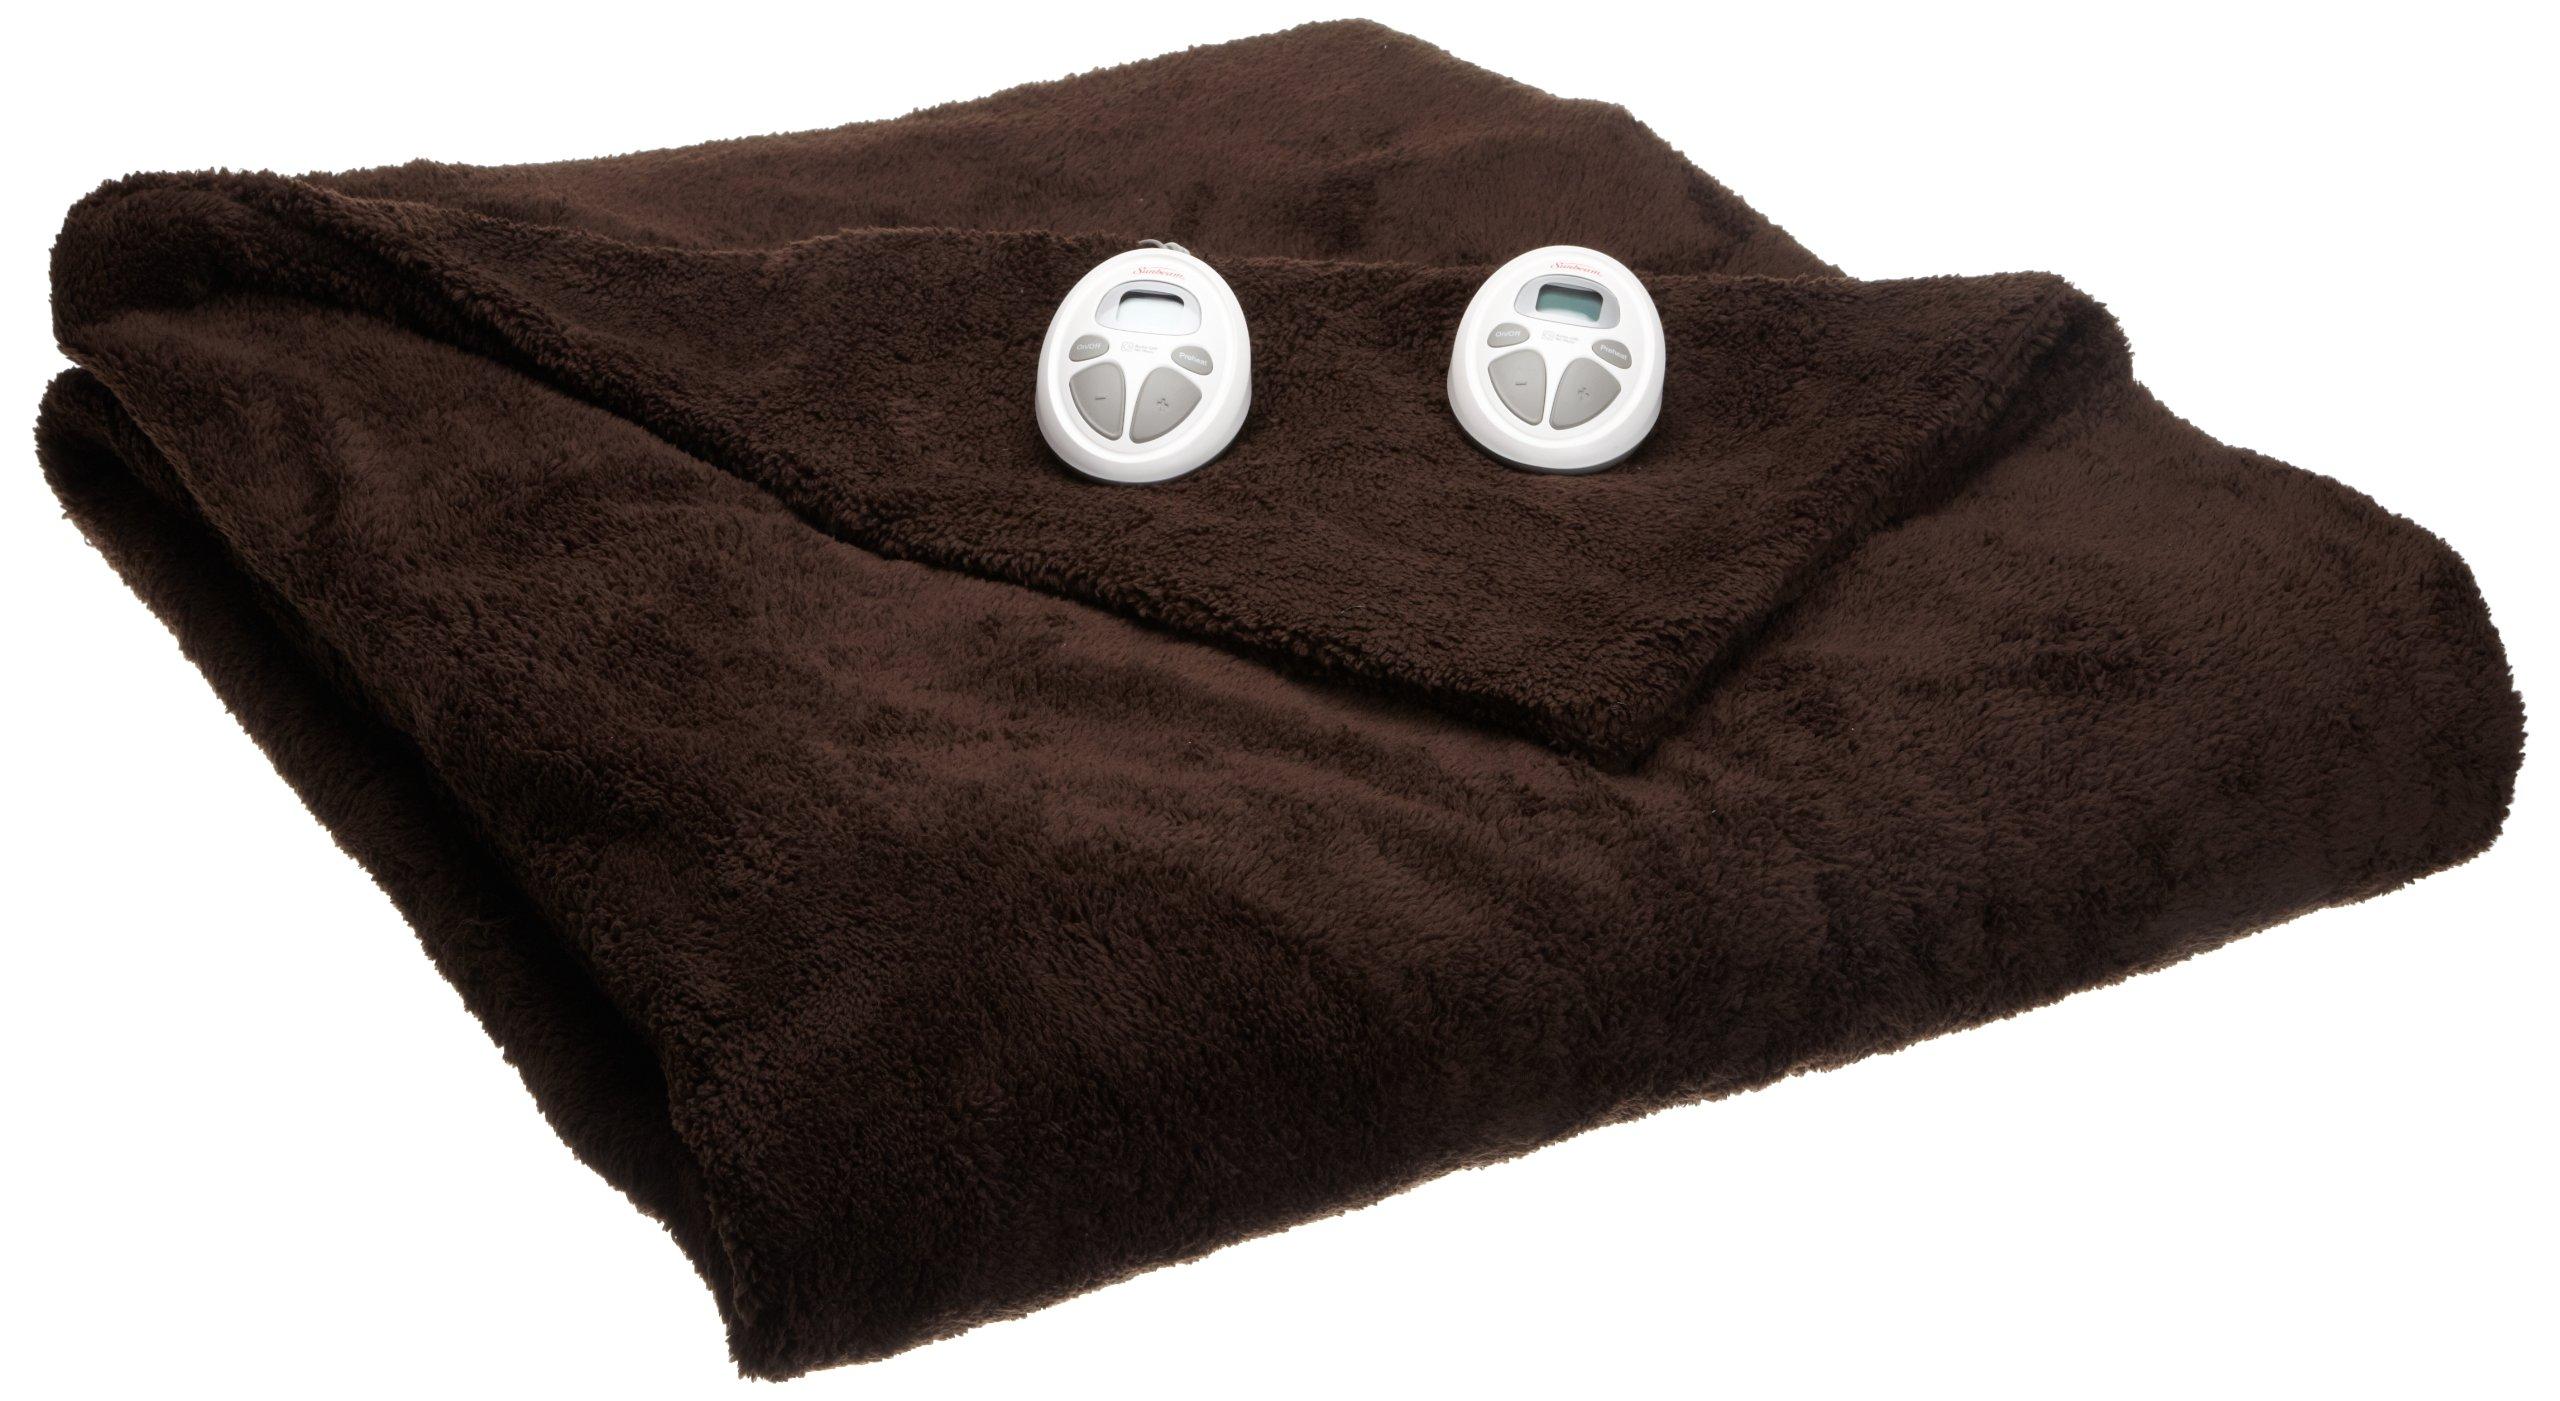 Sunbeam LoftTech Heated Blanket, Queen, Walnut, BSL8CQS-R470-16A00